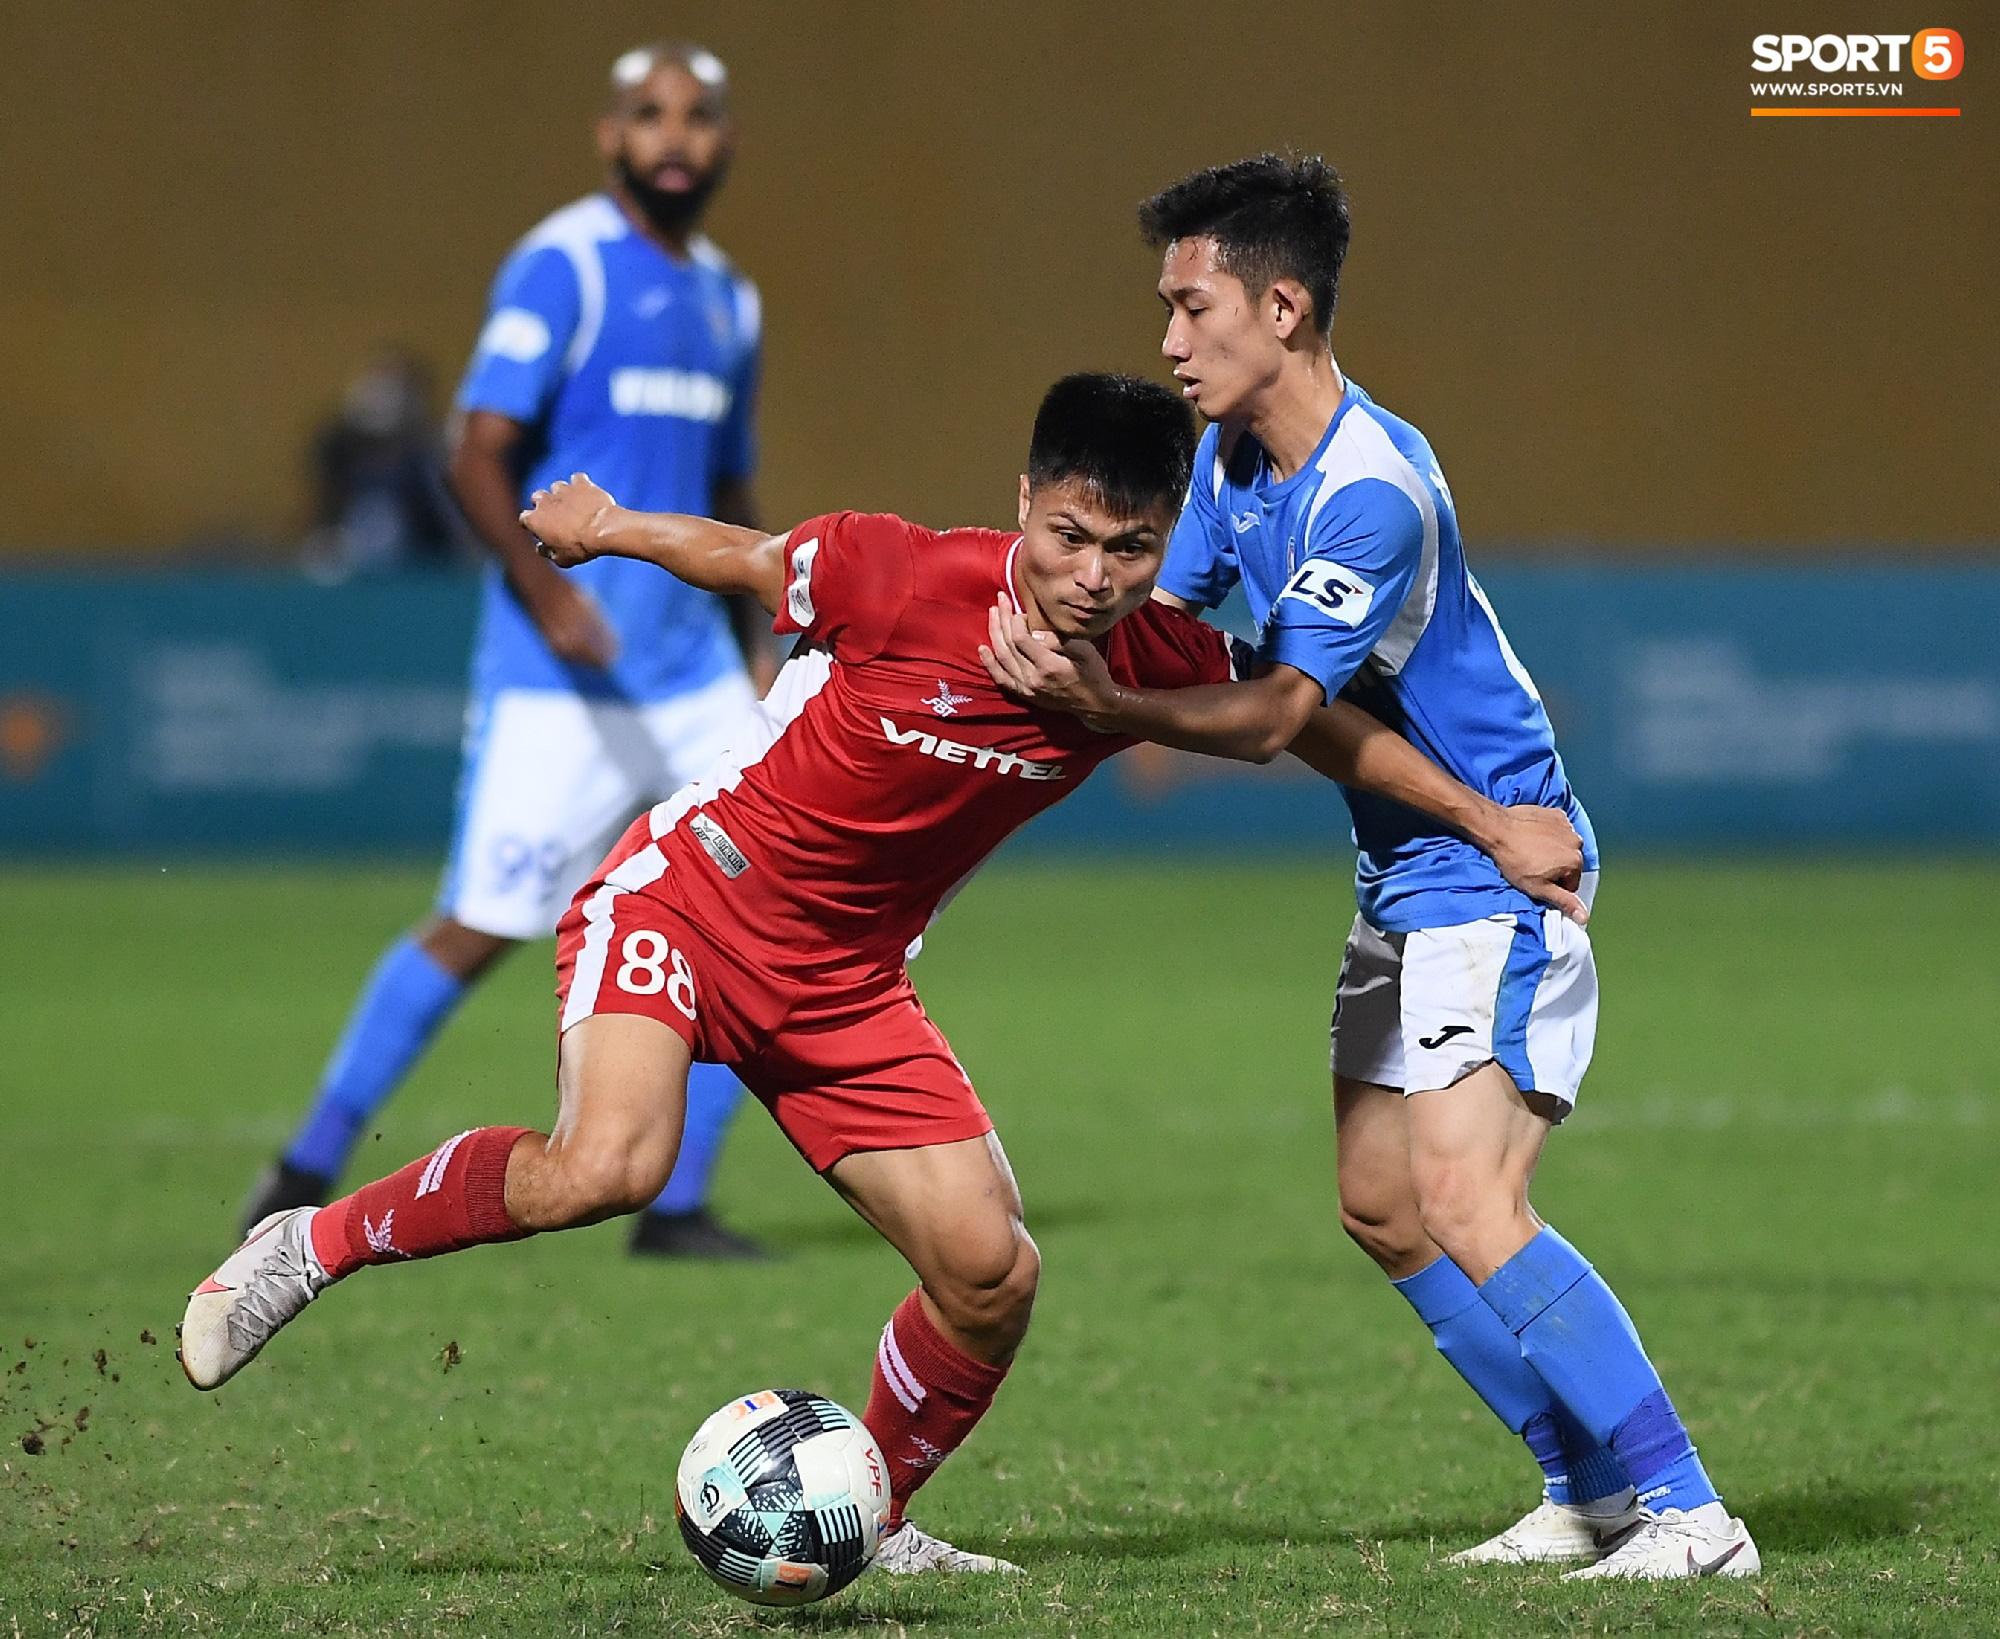 Cầu thủ điển trai được đề cử cho HLV Park Hang-seo khiến tất cả giật mình vì nằm ôm bụng dưới và cái kết thở phào - Ảnh 8.